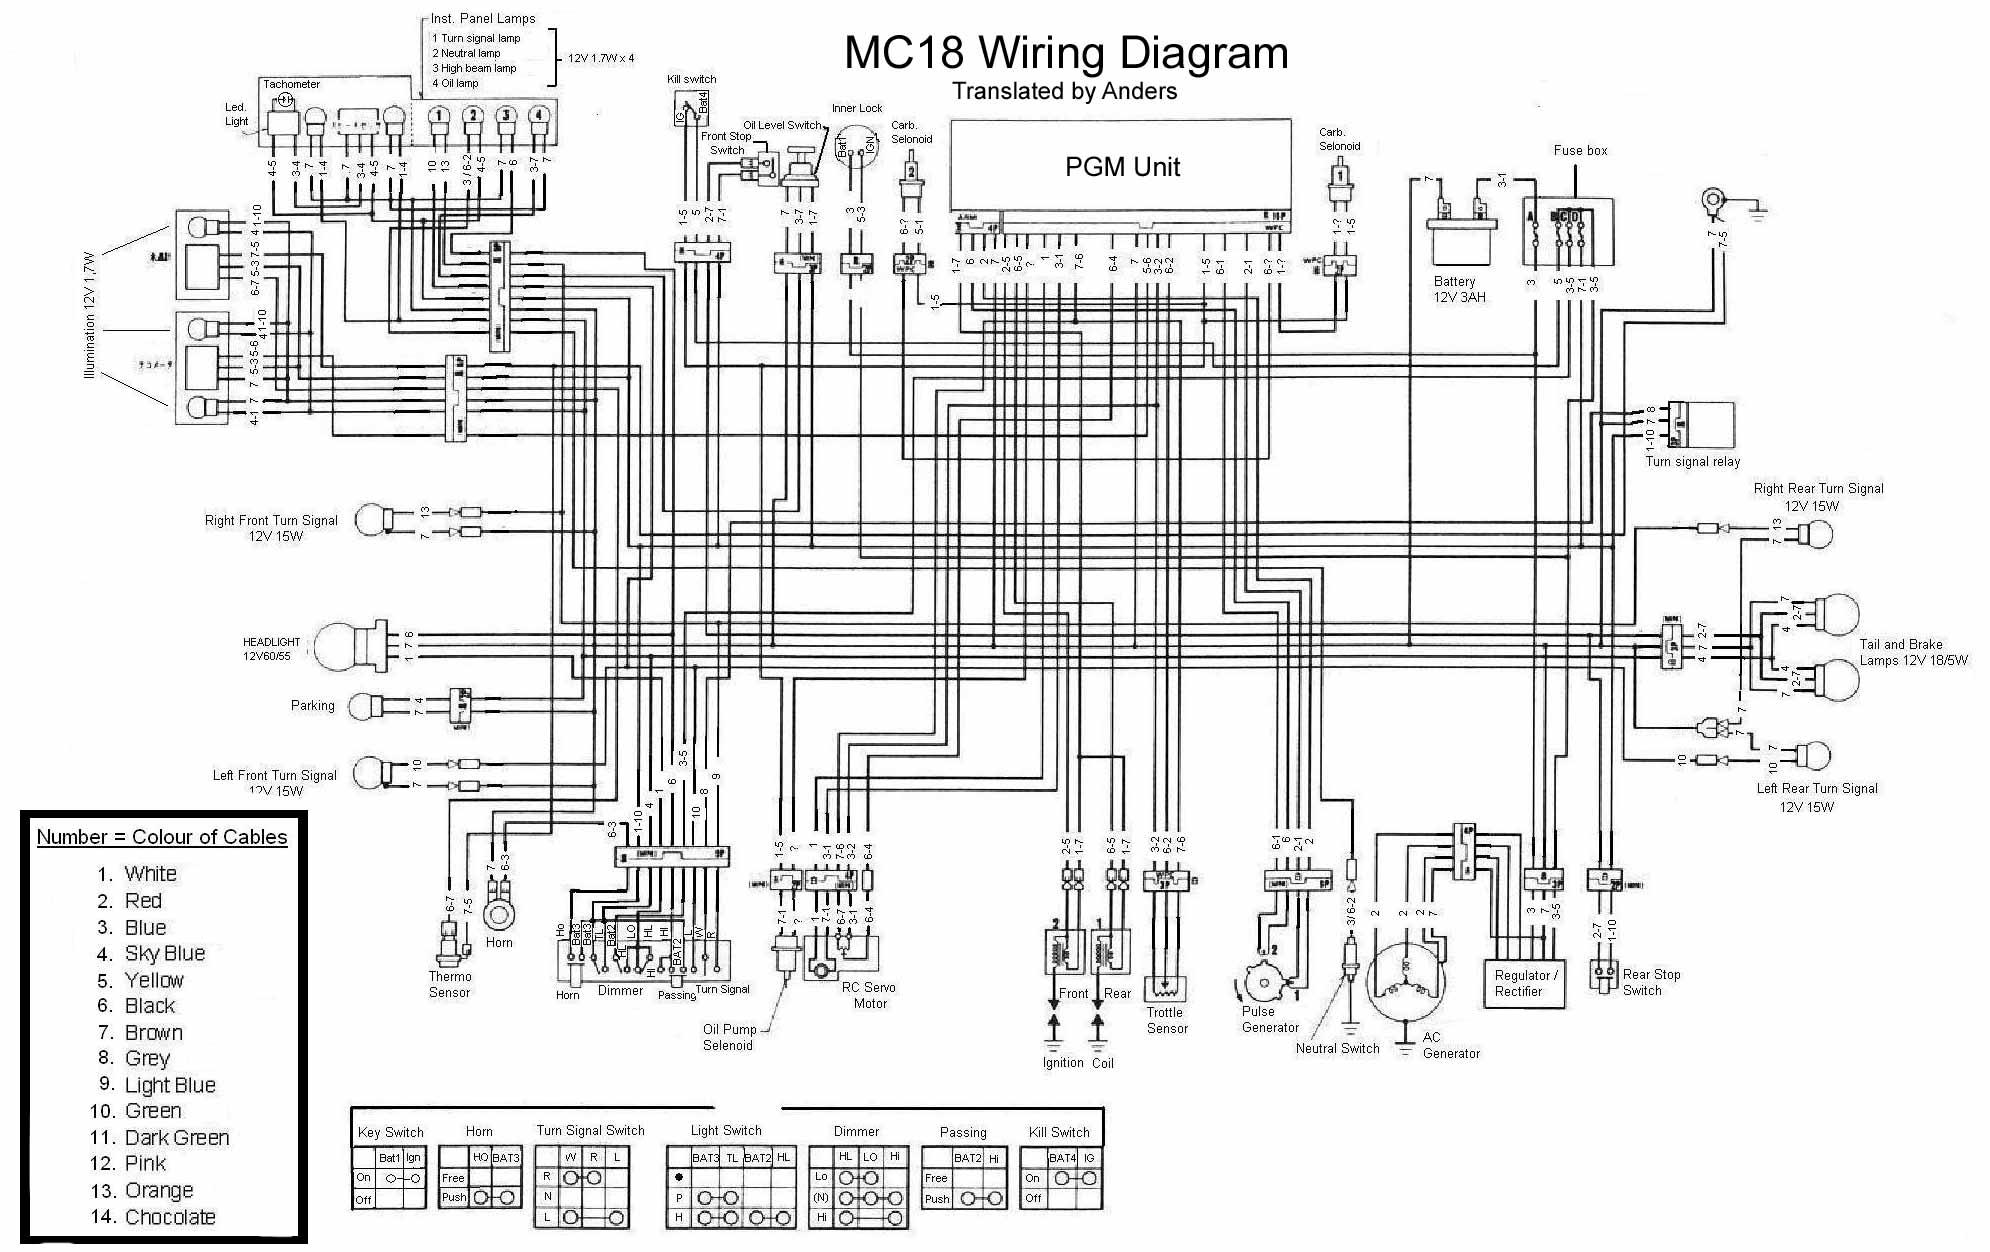 hight resolution of cbr 250 wiring diagram wiring diagram imgcbr250 wiring diagram wiring diagram preview cbr 250 wiring diagram